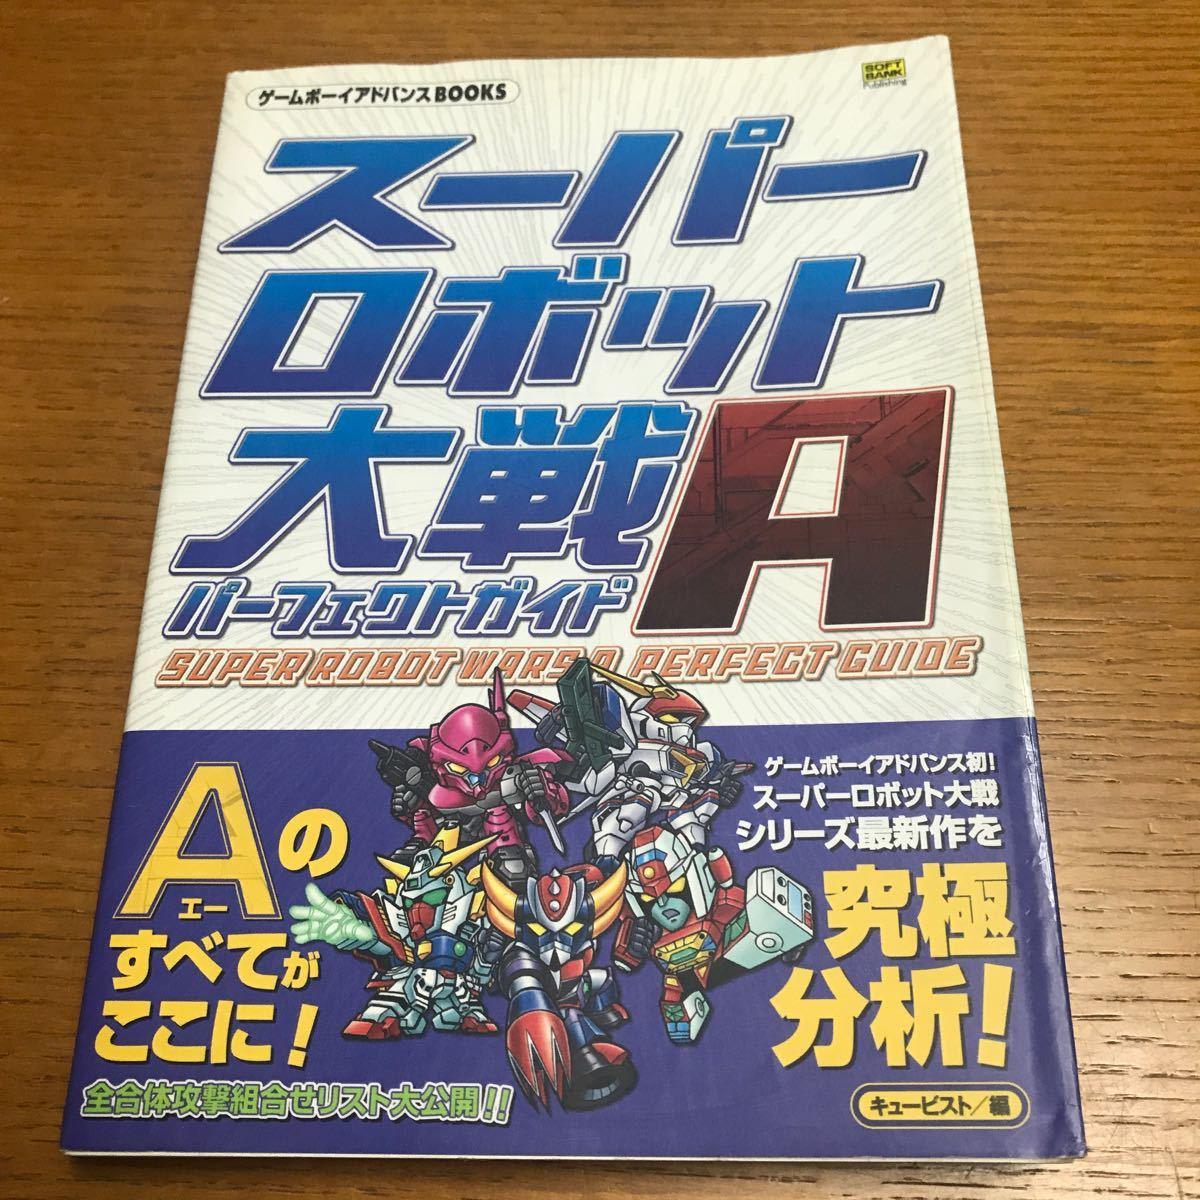 ゲームボーイアドバンス スーパーロボット大戦A 攻略本付き